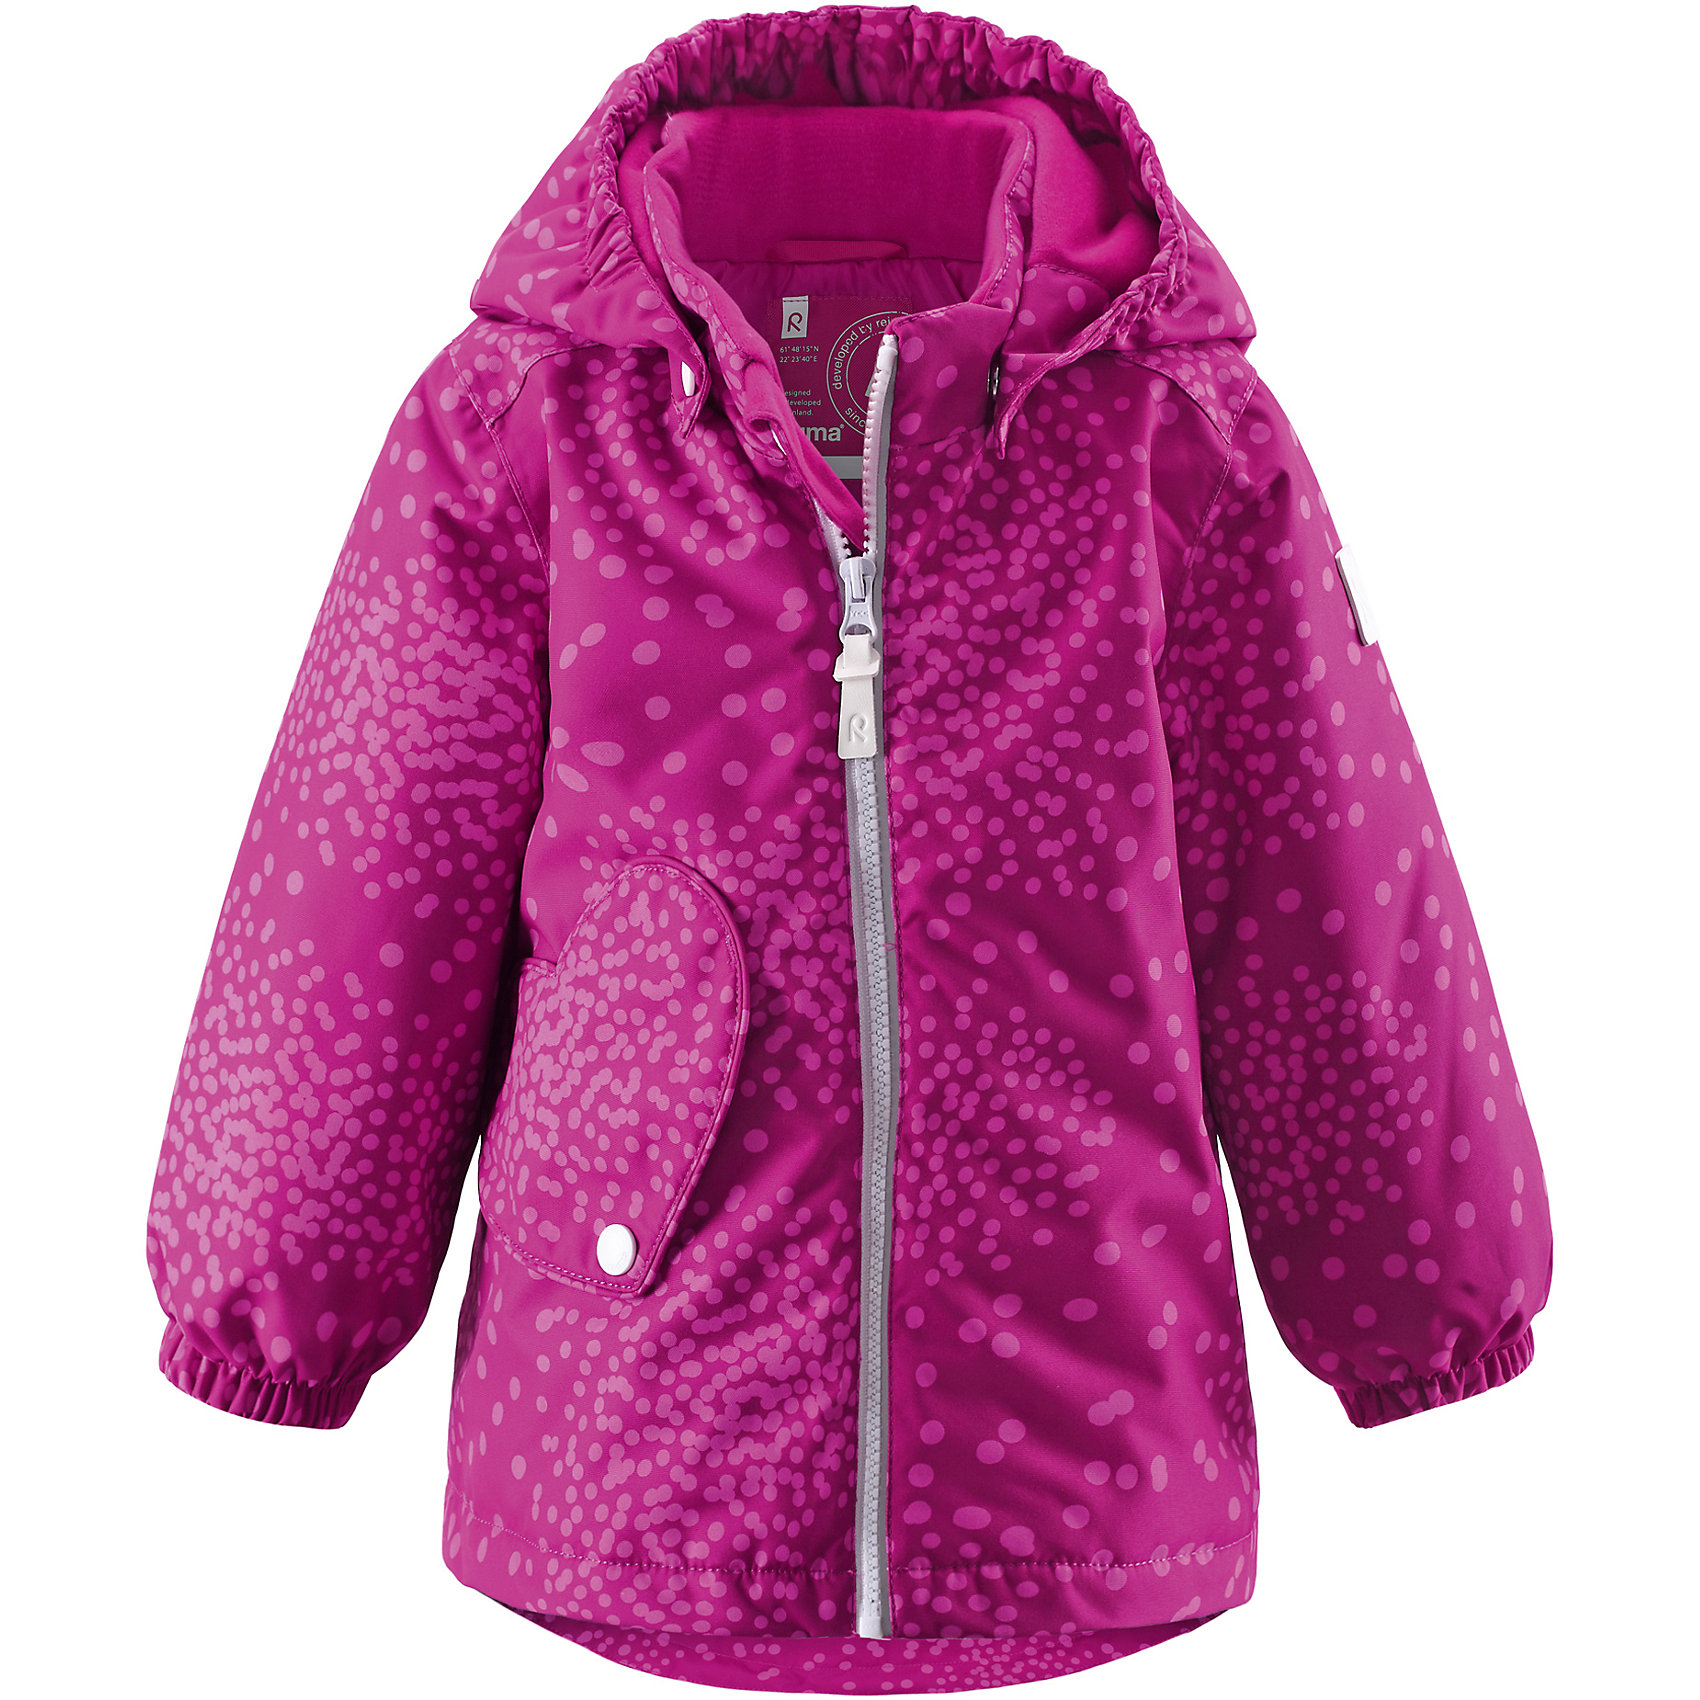 Куртка для девочки ReimaОдежда<br>Светоотражающие сердечки и карман с клапаном украшают эту симпатичную зимнюю куртку для малышей. Зимняя куртка для маленьких детей сшита из ветронепроницаемого, пропускающего воздух материала, который отталкивает грязь и влагу. Чтобы дожди не смогли помешать зимнему веселью, внешние швы проклеены для водонепроницаемости. Куртка с подкладкой из гладкого полиэстера легко надевается и удобно носится с тёплым промежуточным слоем. Чтобы куртка плотнее прилегала к фигуре, её можно отрегулировать на талии. Остроконечный капюшон со светоотражающим сердечком и удлинённый задний подол завершают образ этой зимней куртки. Не требует особого ухода. Благодаря обеспечивающим видимость светоотражателям в форме сердечек, маленькие принцессы могут получать удовольствие от весёлой прогулки даже после захода солнца.<br><br>Водонепроницаемая зимняя куртка для малышей<br>Основные швы проклеены, водонепроницаемы<br>Безопасный съёмный капюшон<br>Регулируемая талия<br>Карман с клапаном в форме сердечка<br>Светоотражающие детали для безопасности<br>Состав:<br>100% ПЭ, ПУ-покрытие<br>Средняя степень утепления (до - 20)<br><br>Куртку для девочки Reima (Рейма) можно купить в нашем магазине.<br><br>Ширина мм: 356<br>Глубина мм: 10<br>Высота мм: 245<br>Вес г: 519<br>Цвет: розовый<br>Возраст от месяцев: 12<br>Возраст до месяцев: 18<br>Пол: Женский<br>Возраст: Детский<br>Размер: 86,92,98,80,74<br>SKU: 4208137